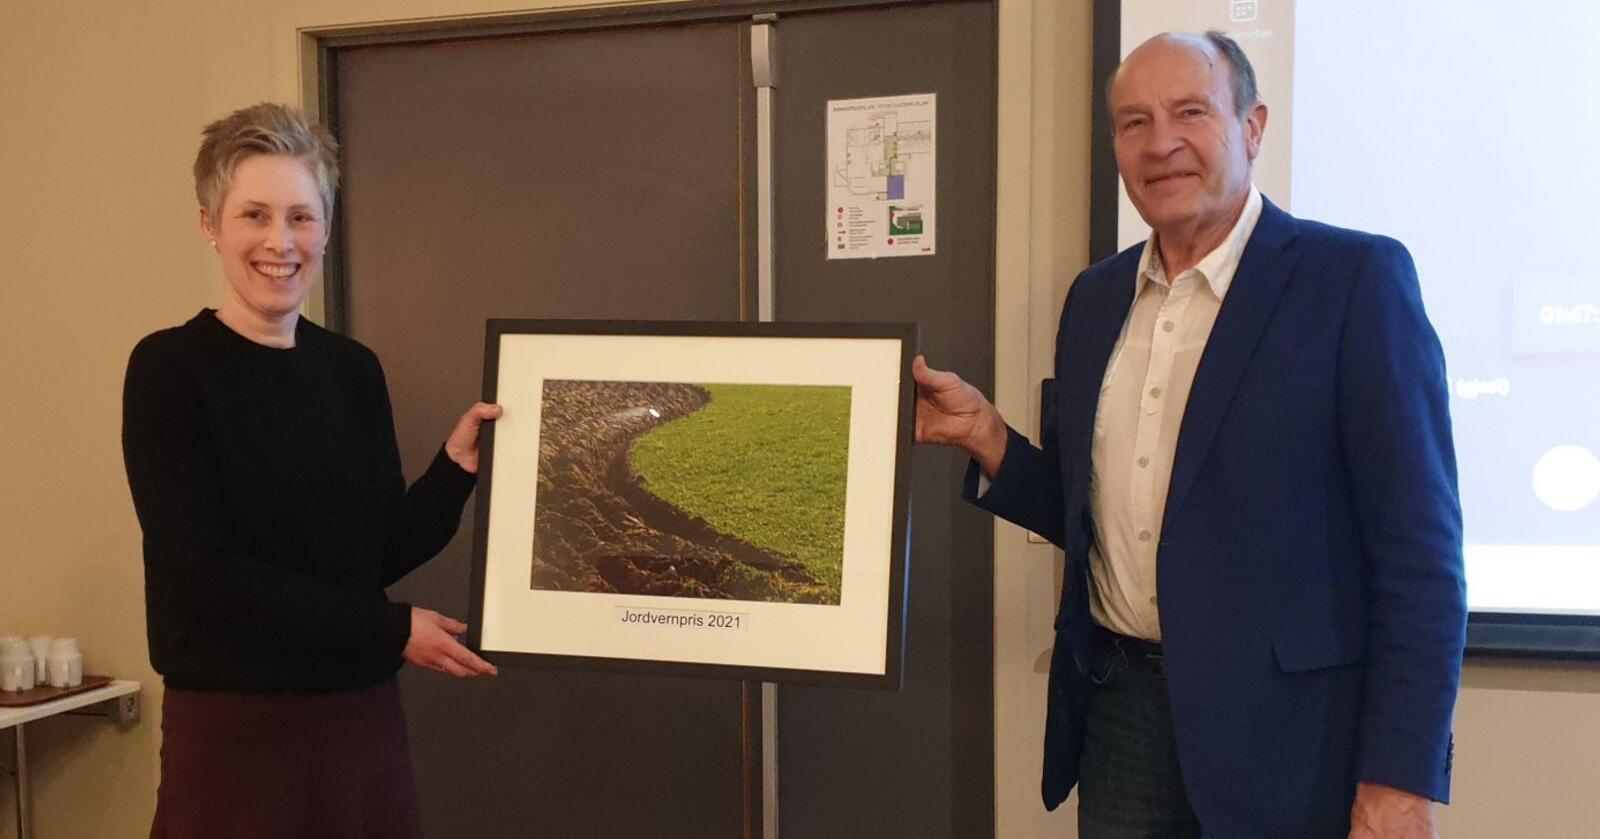 Anne Grødem Frøyland får overrakt Jordvernprisen fra lederen av Jordvernforeninga i Rogaland, Olaf Gjerdrem. Foto: Privat